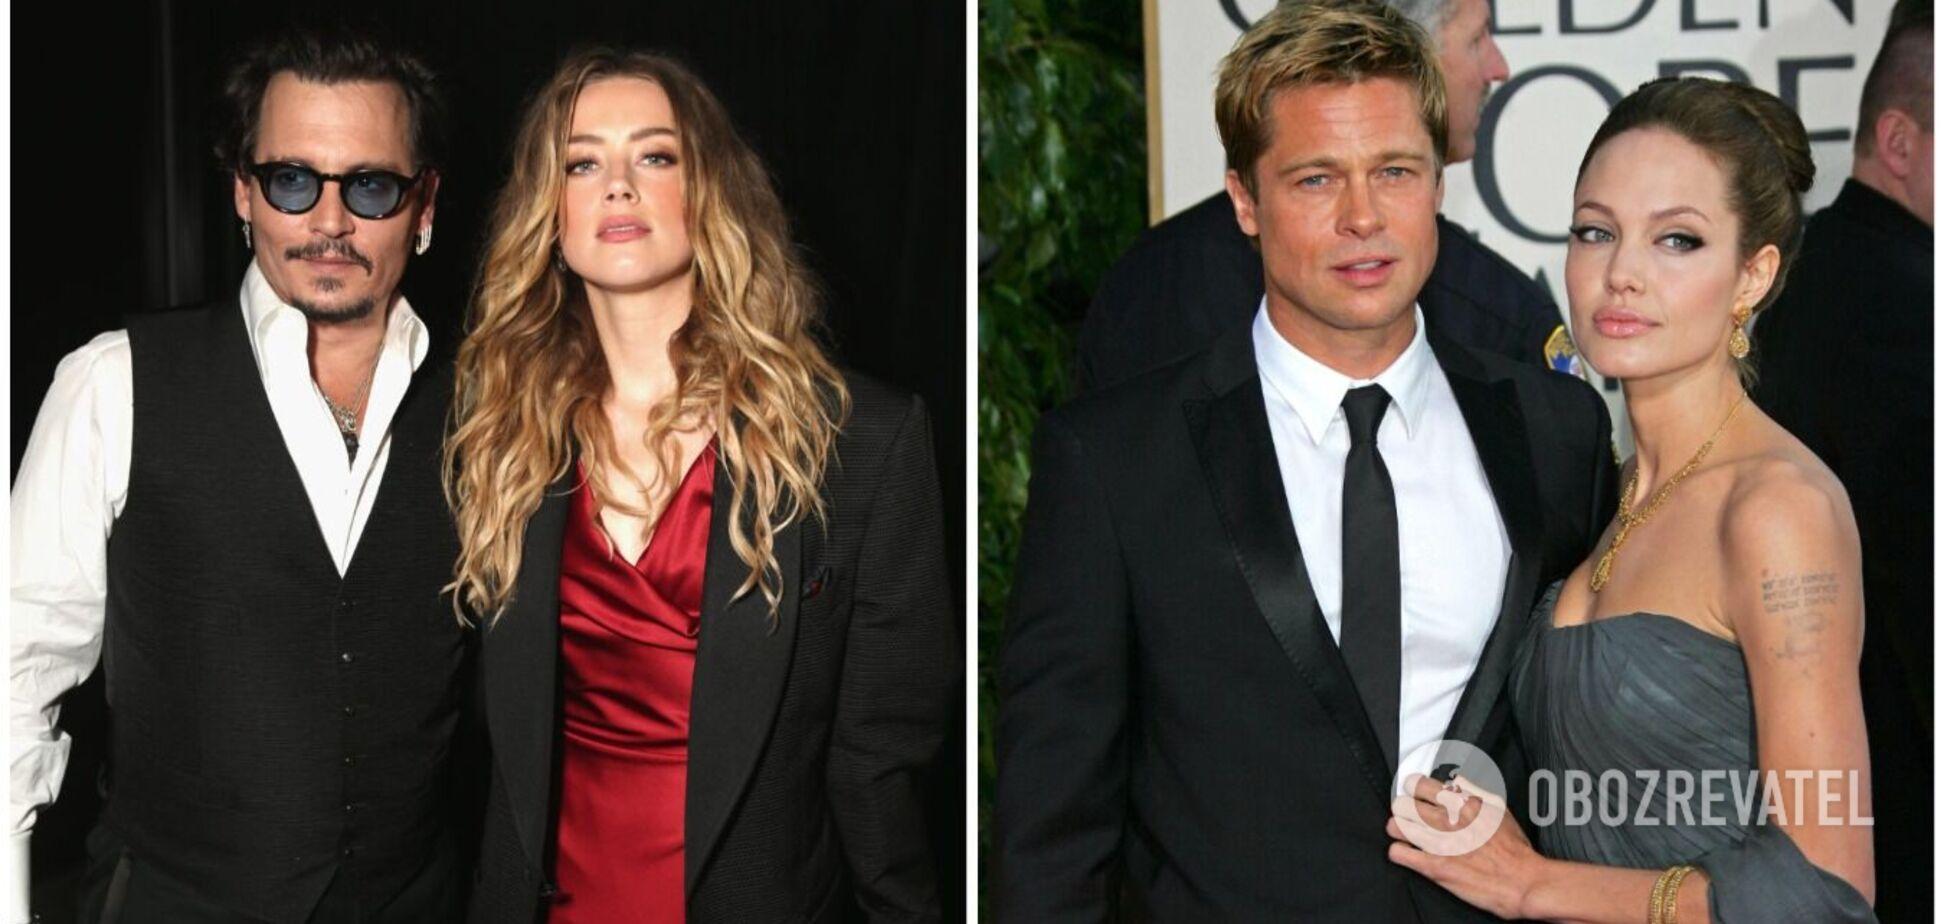 10 найдорожчих і найгучніших розлучень Деппа, Джолі, Мадонни та інших зірок. Фото